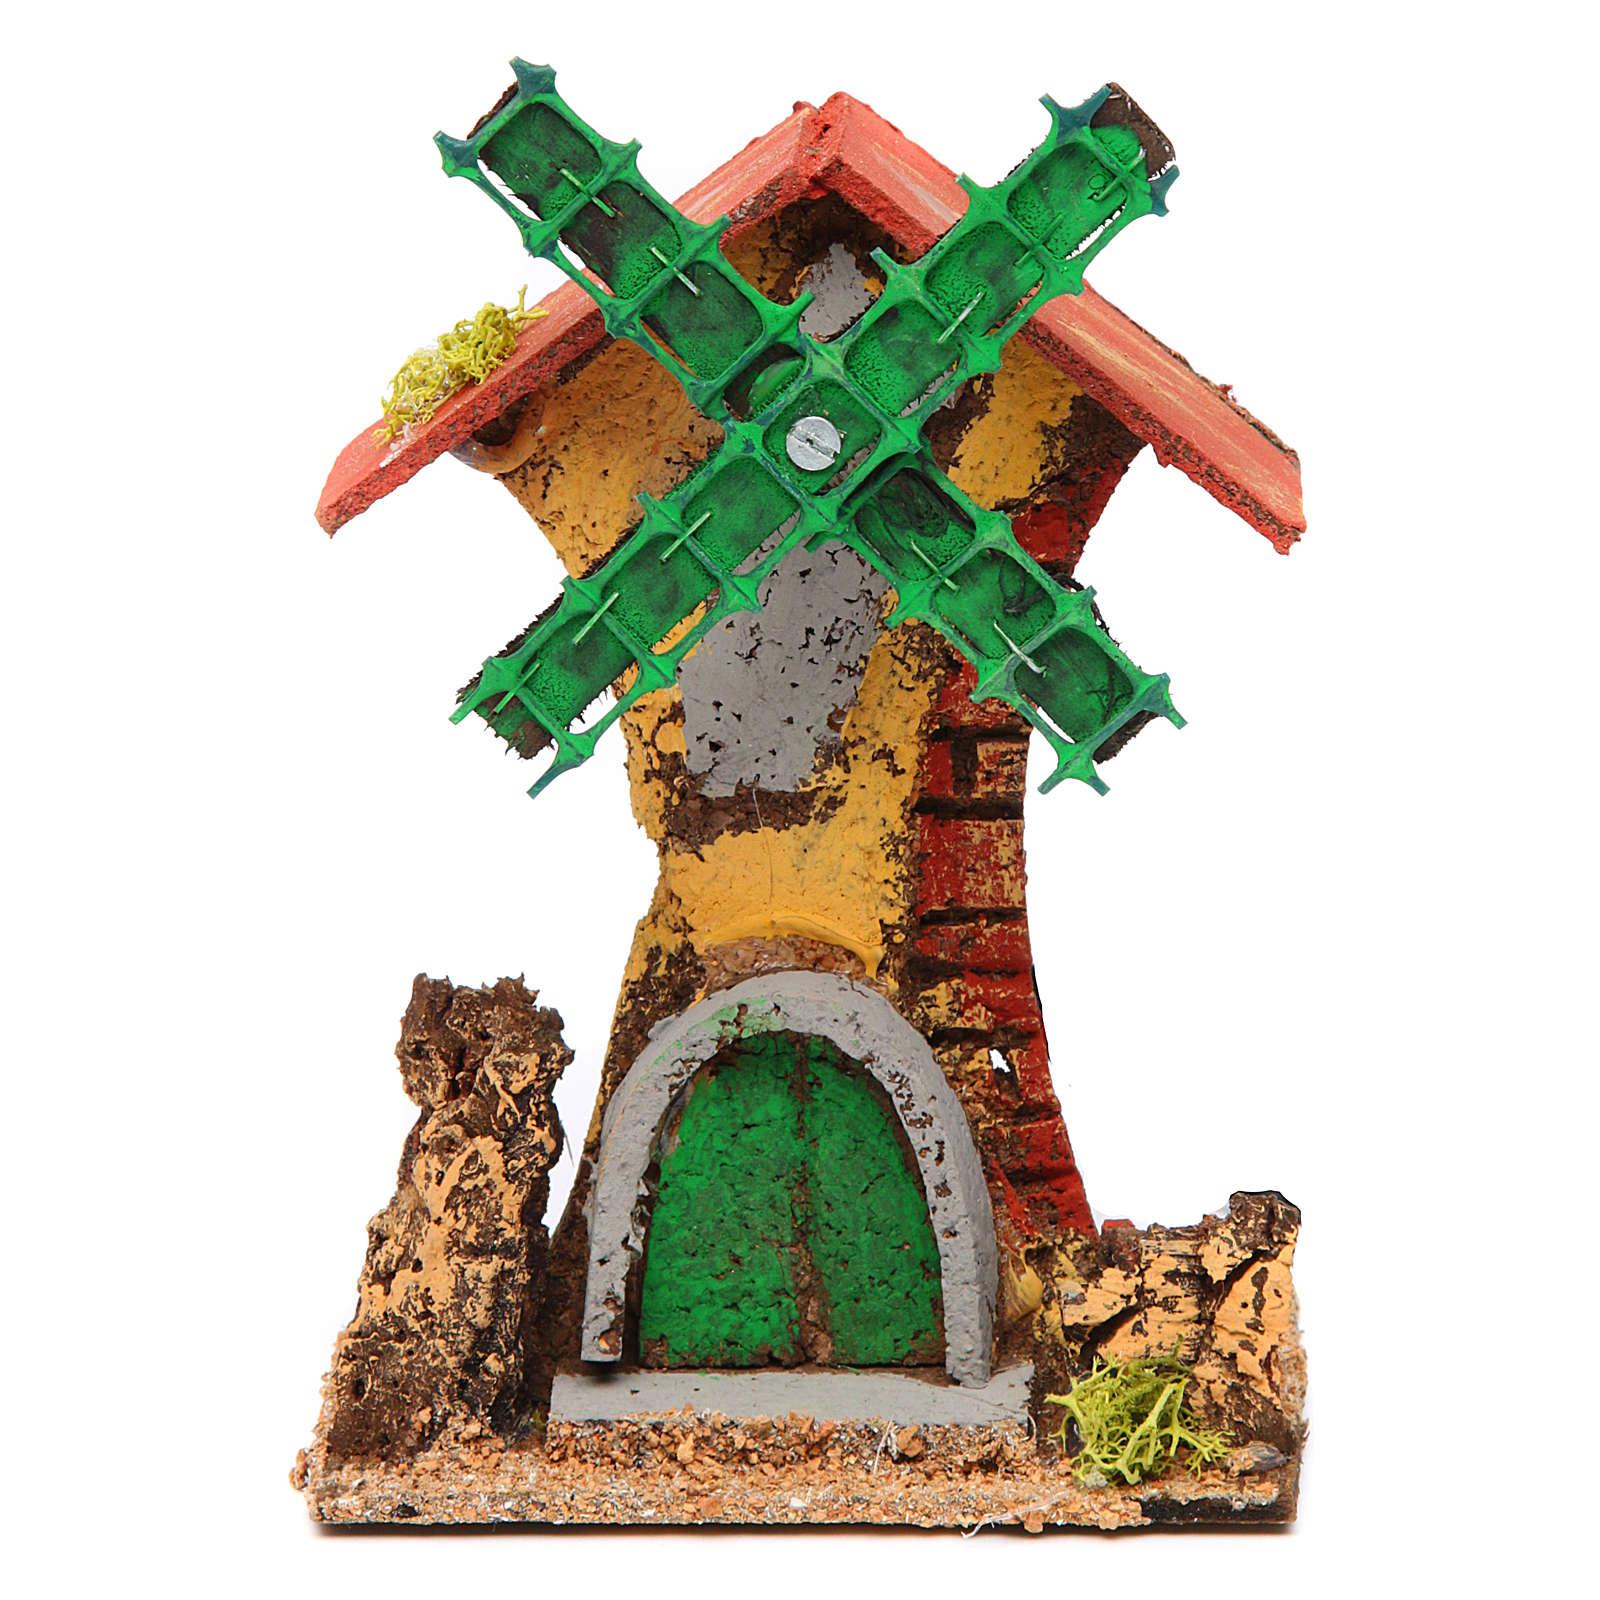 Windmühle Dimensionen 12x10x6 cm, aus Holz und Kork 4